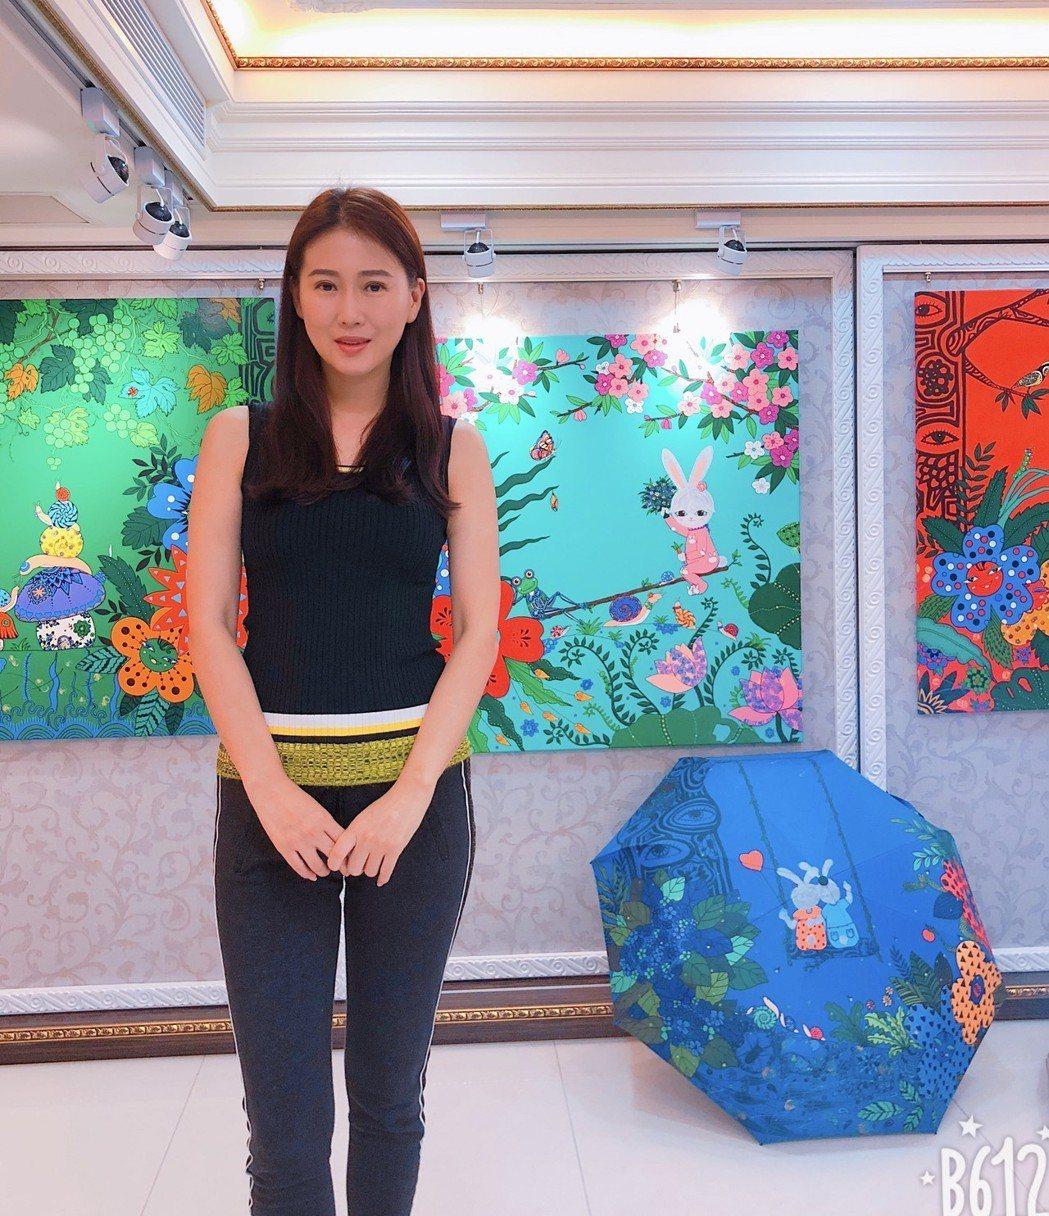 米凱利的畫作受邀到英國倫敦藝術博覽會展出  圖/米凱莉提供